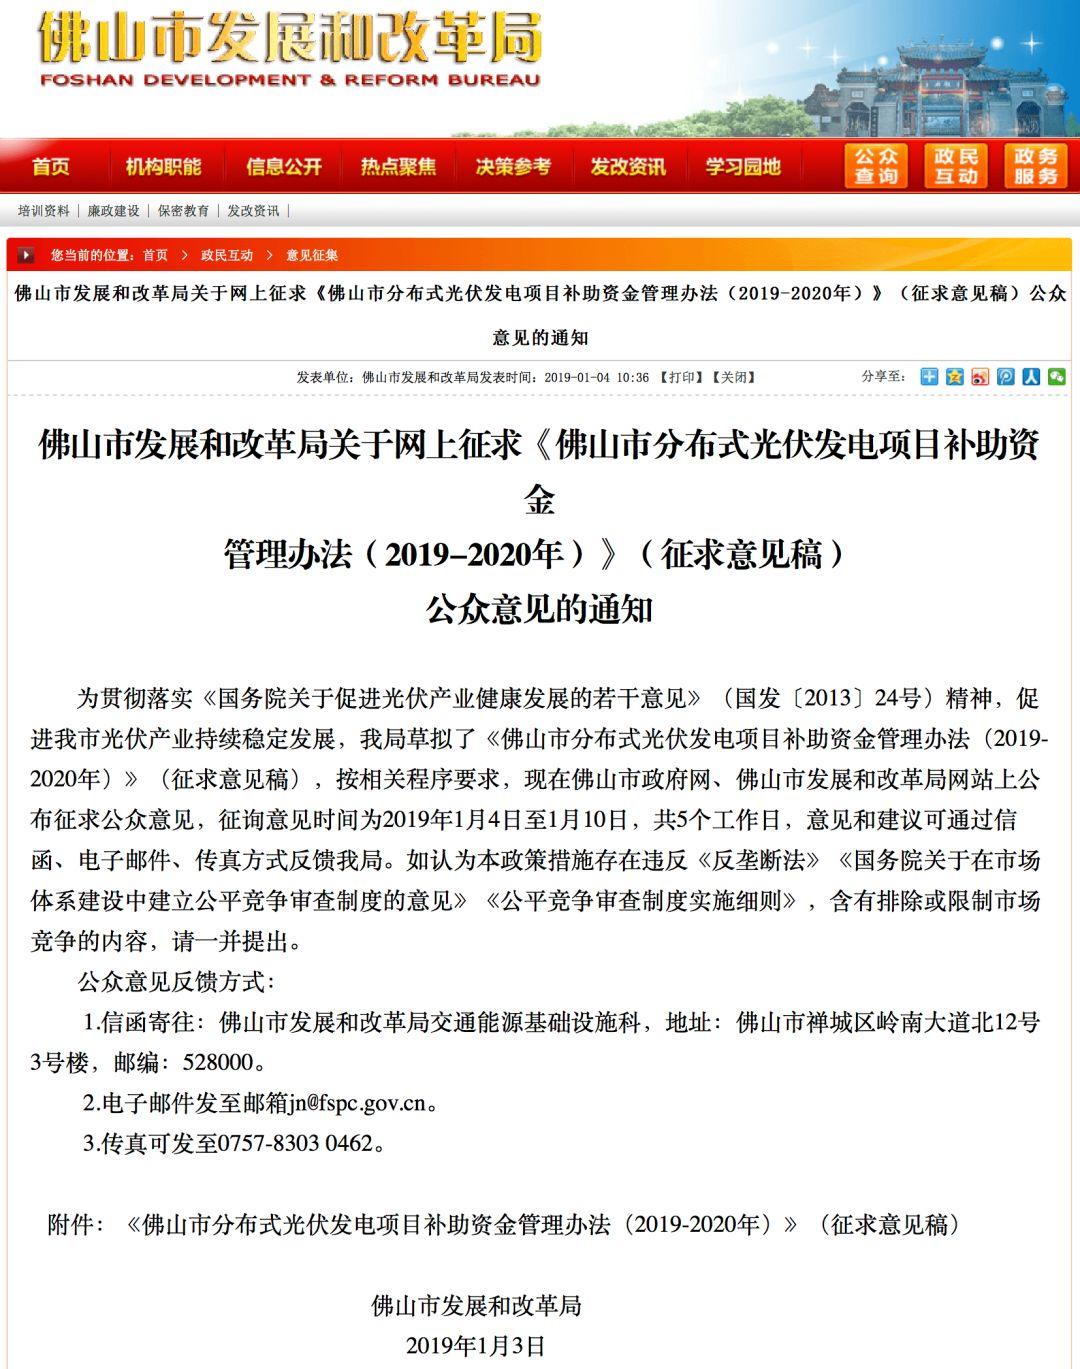 利好消息不断!上海、广东、浙江等地明确光伏补贴方案